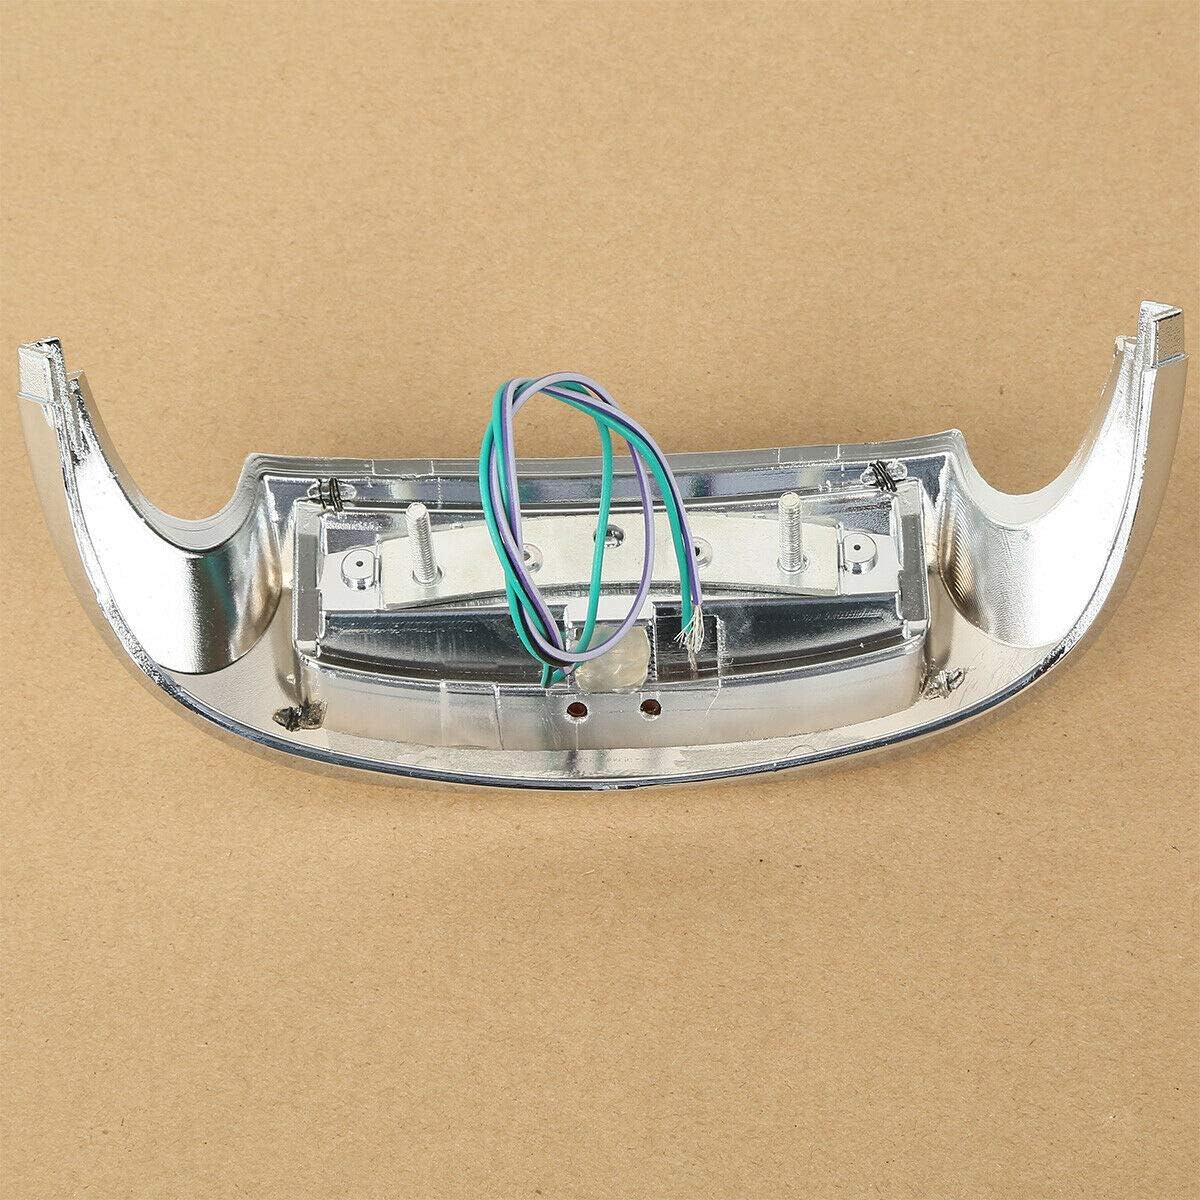 Green-L Front Fender Tip Smoke Lens LED Light Fit For Harley Road Electra Glide Ultra Limited Low FLHTKL 2009-2020